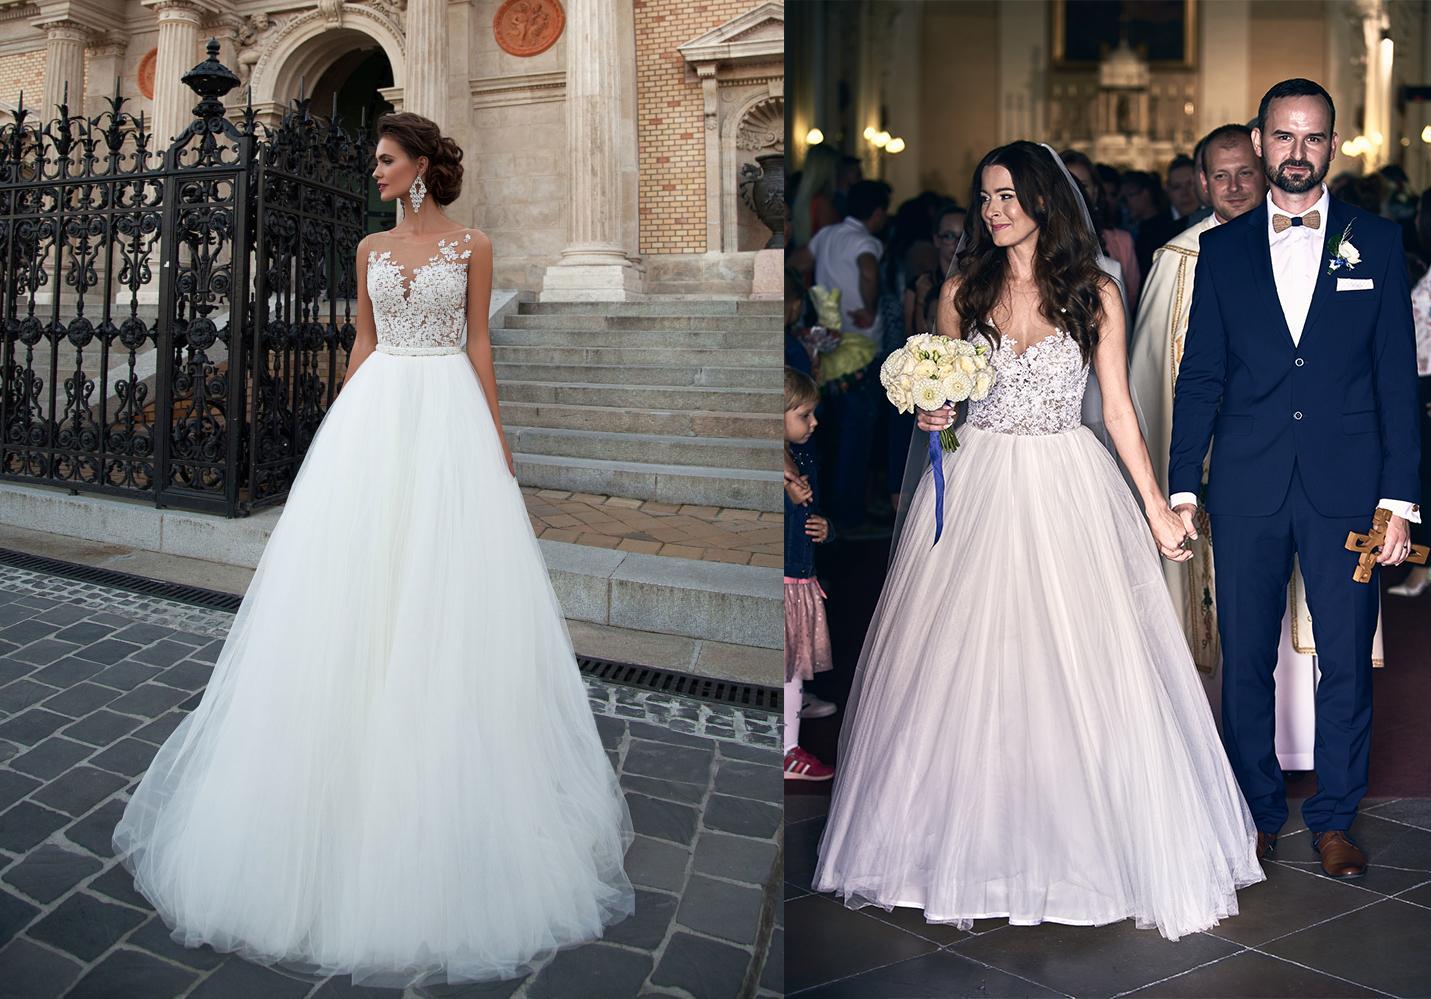 Svadobné šaty na modelke a na reálnej neveste - Nádherná nevesta @bozenag a jej svadobné šaty Milla Nova model Chelsi zo salónu Wedding Avenue v Bratislave.